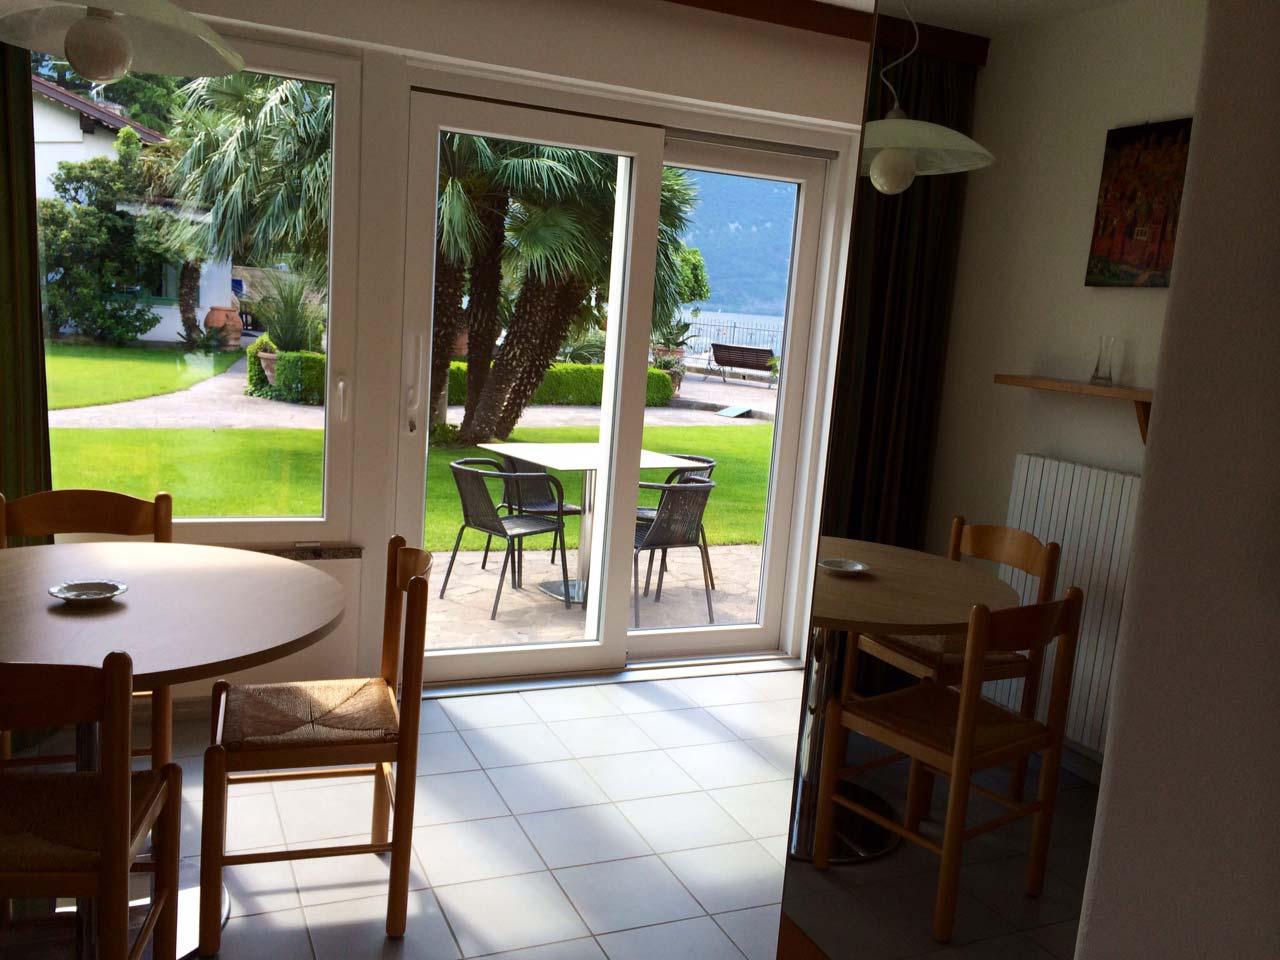 Giardino Zen Lago Di Garda : Appartemento a vista giardino lago di garda bungalow park